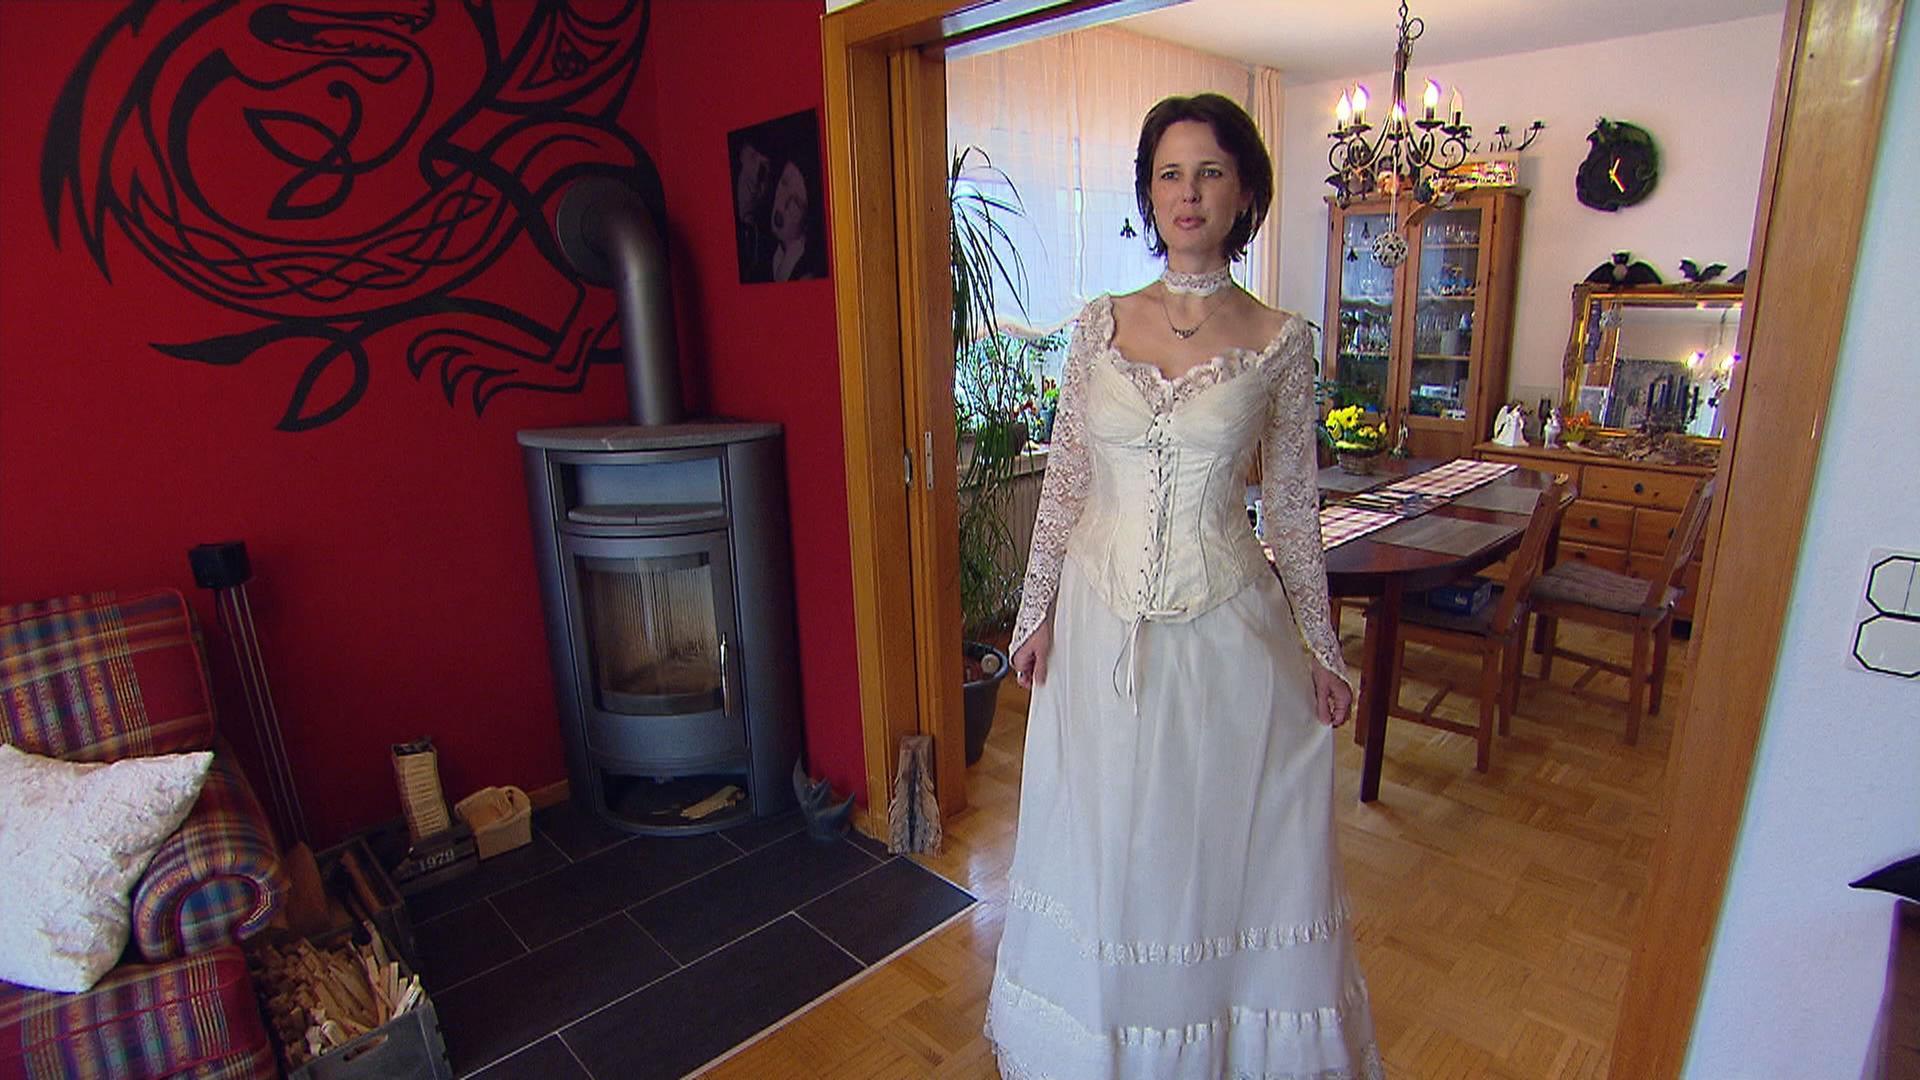 Hochzeitskleid für unter 100 Euro? - ZDFmediathek